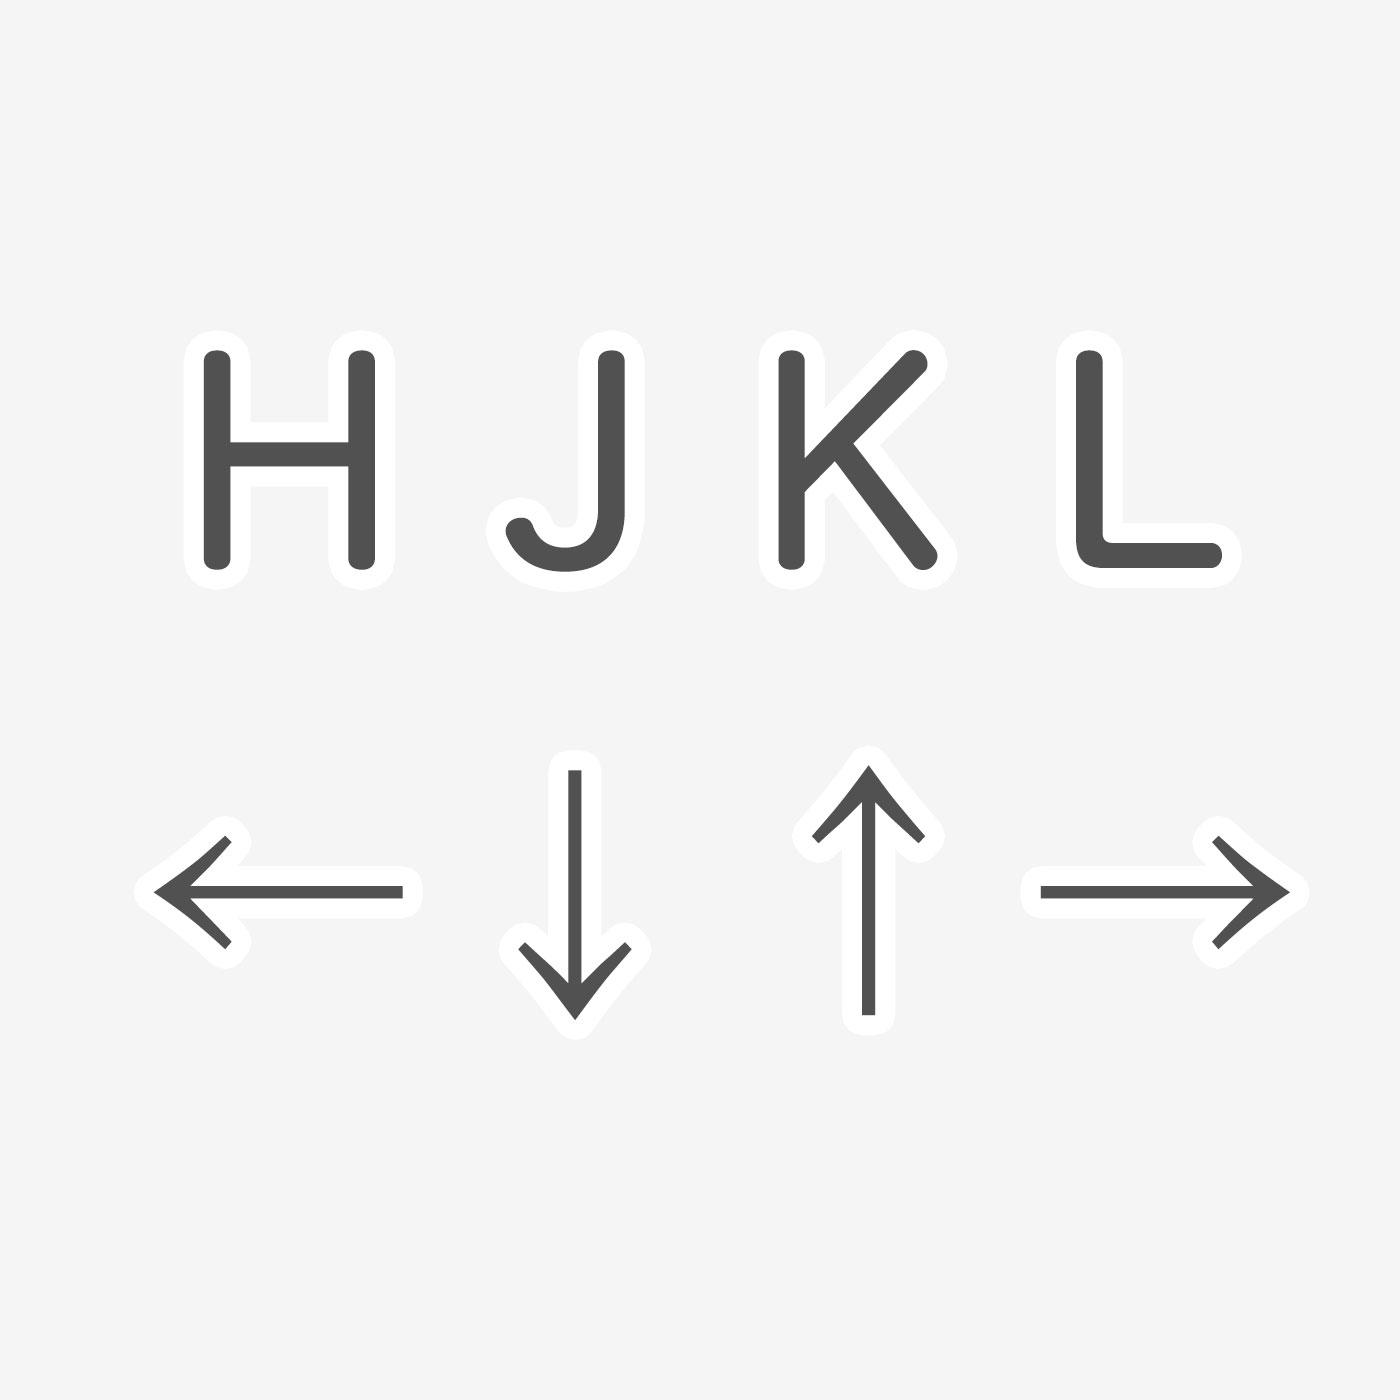 macで簡単に矢印 「←↓↑→」 を、打つ方法。